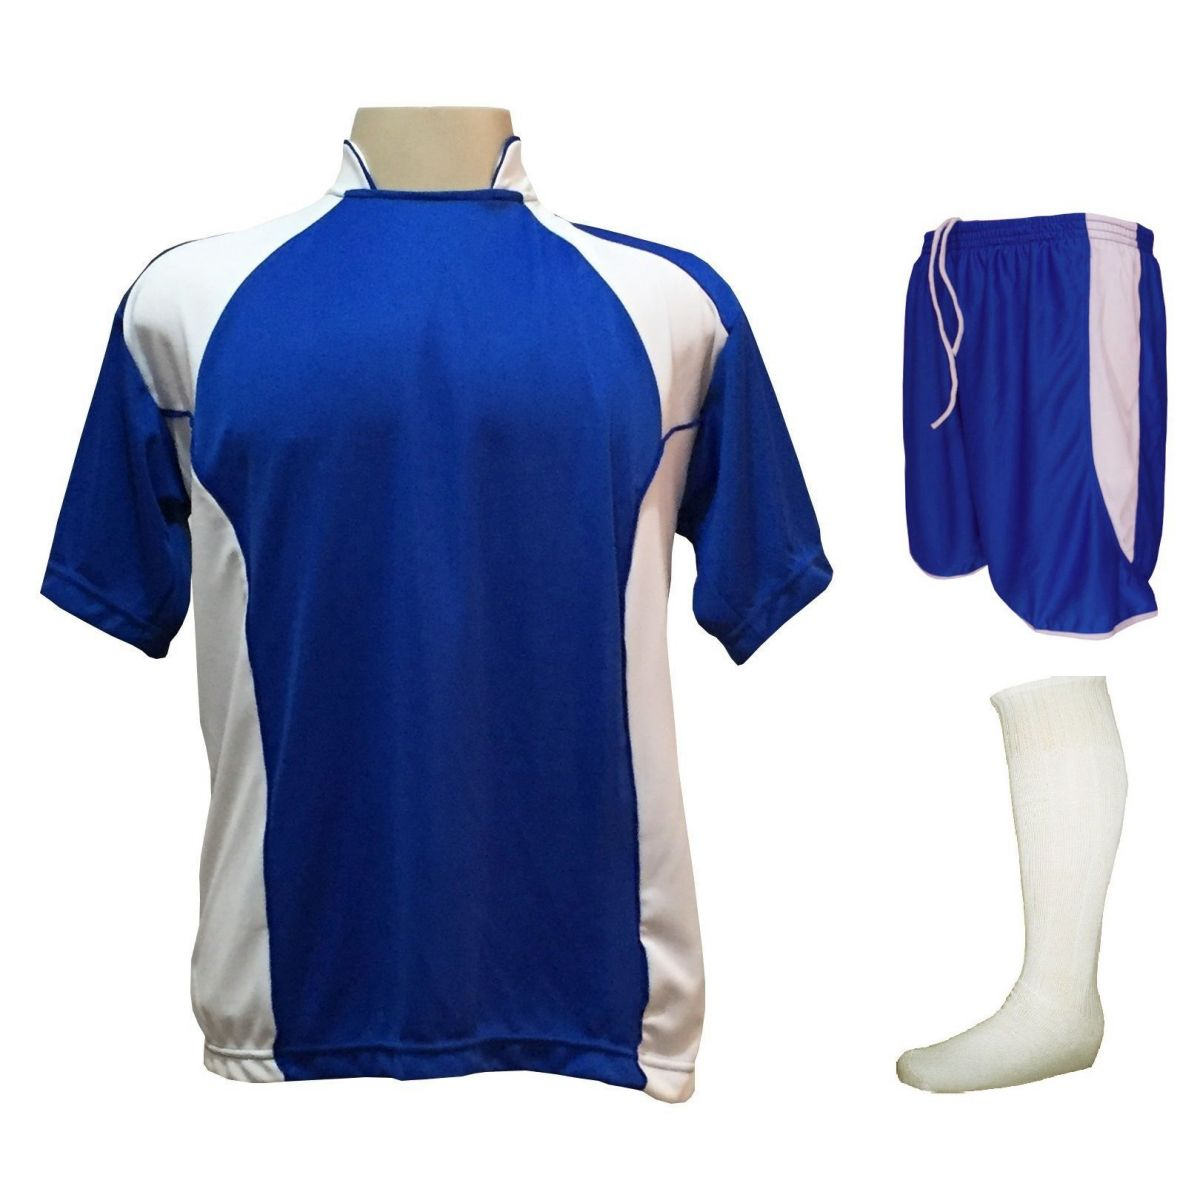 Uniforme Esportivo com 14 camisas modelo Suécia Royal/Branco + 14 calções modelo Copa Royal/Branco + 14 pares de meiões Branco